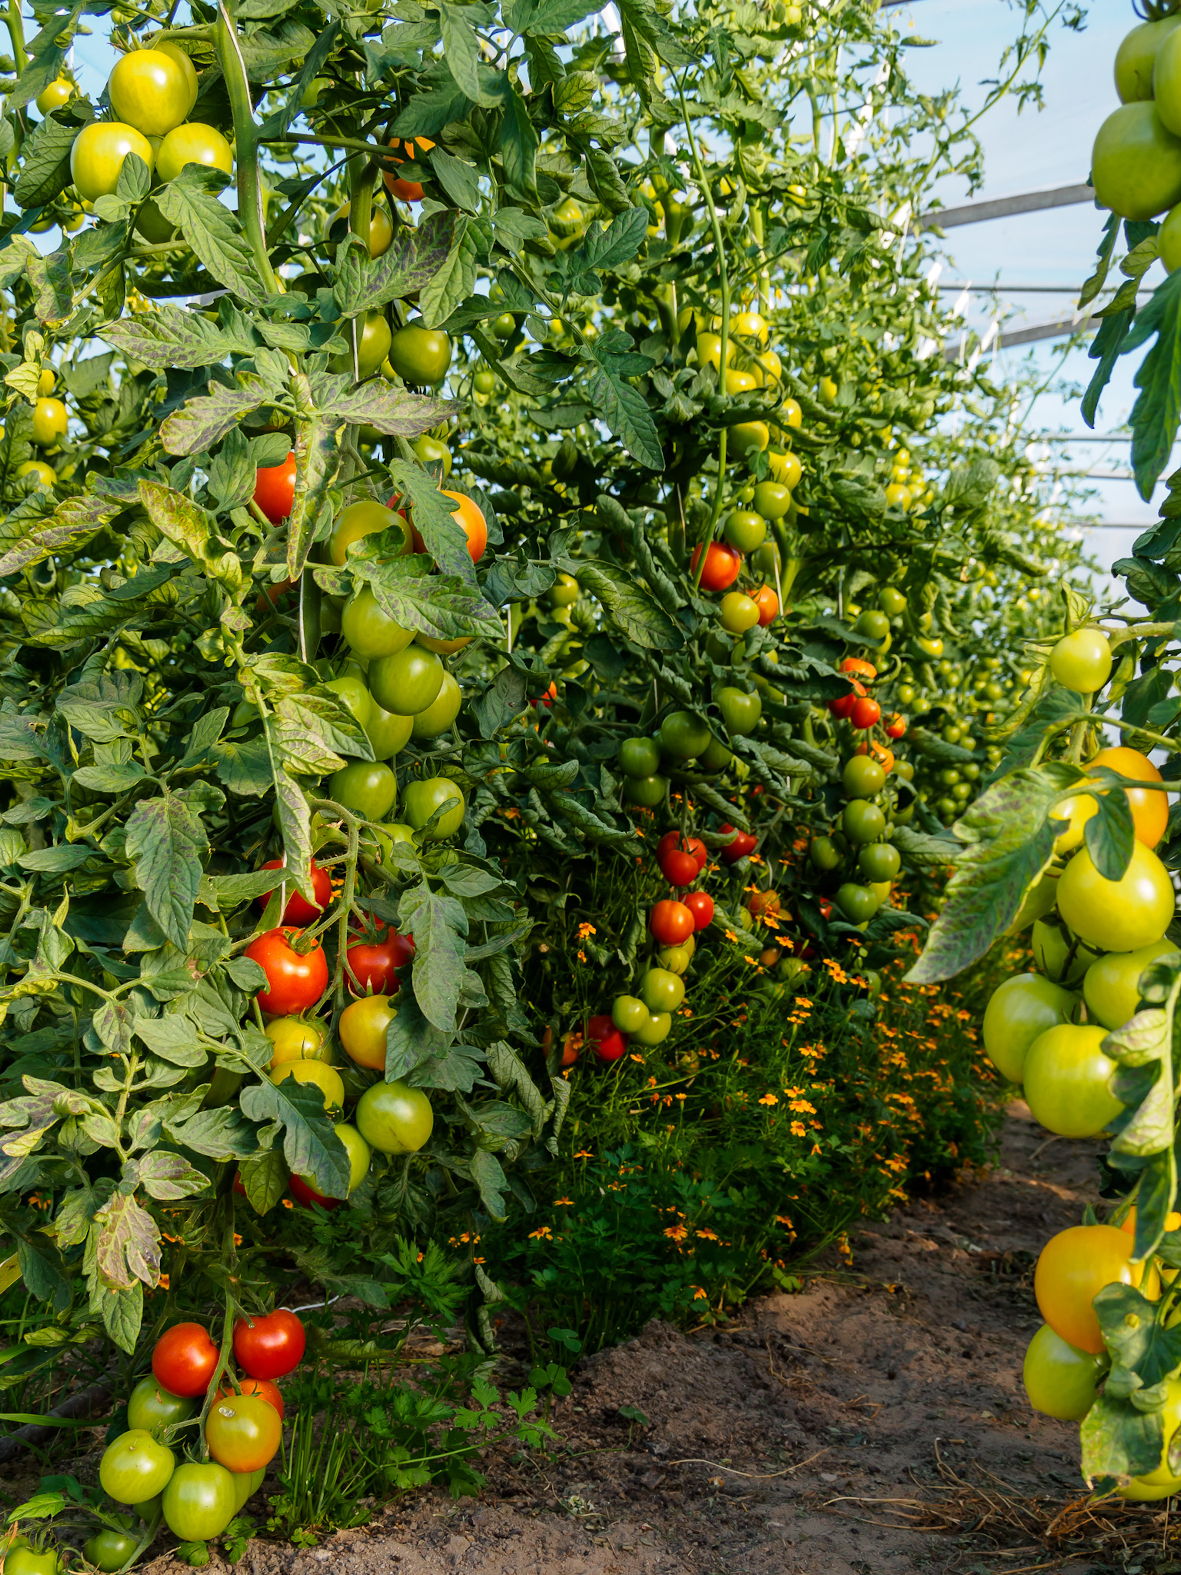 Tomatenpflanzen mit reifen und unreifen Früchten in Gewächshaus